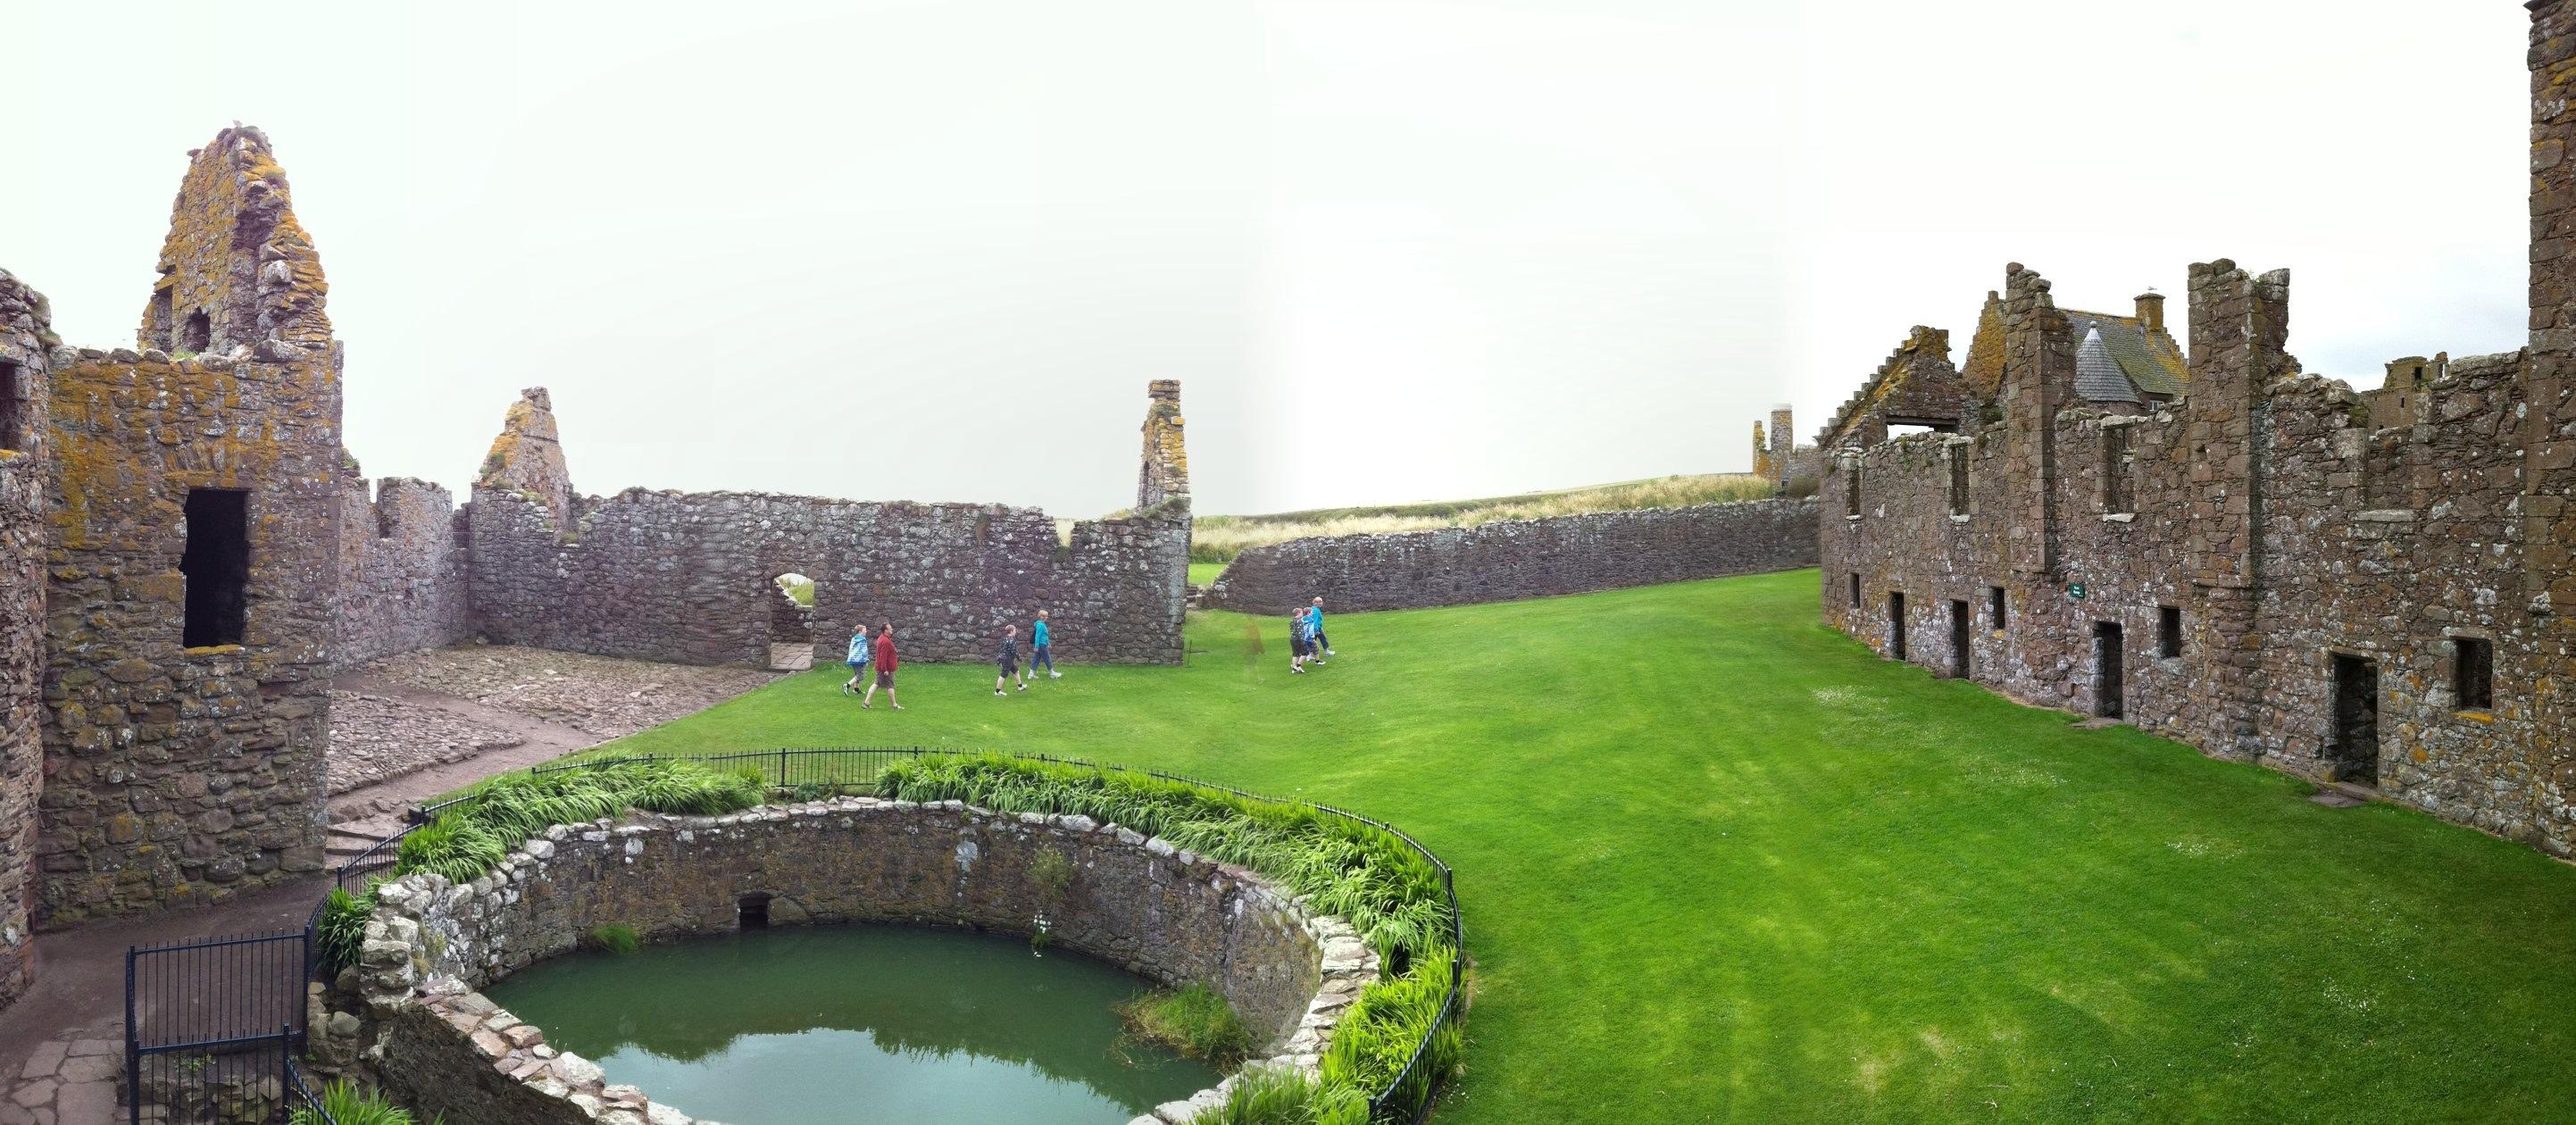 Dunnottar Castle Zzr 1400 Touring